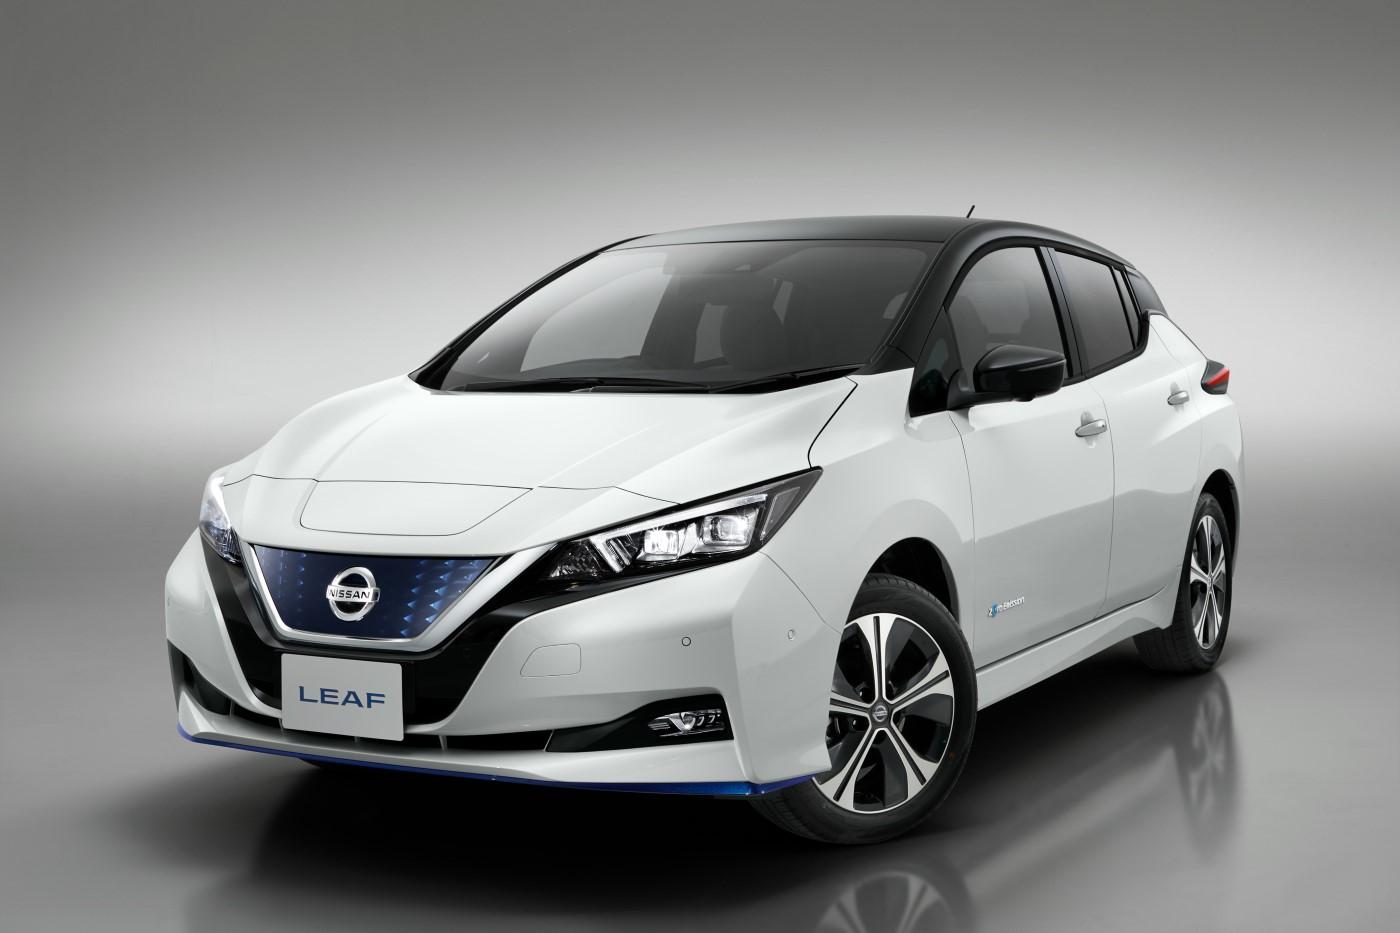 Nissan LEAF - Vehículos Eléctricos - Ayuda a Disminuir la Contaminación Acústica